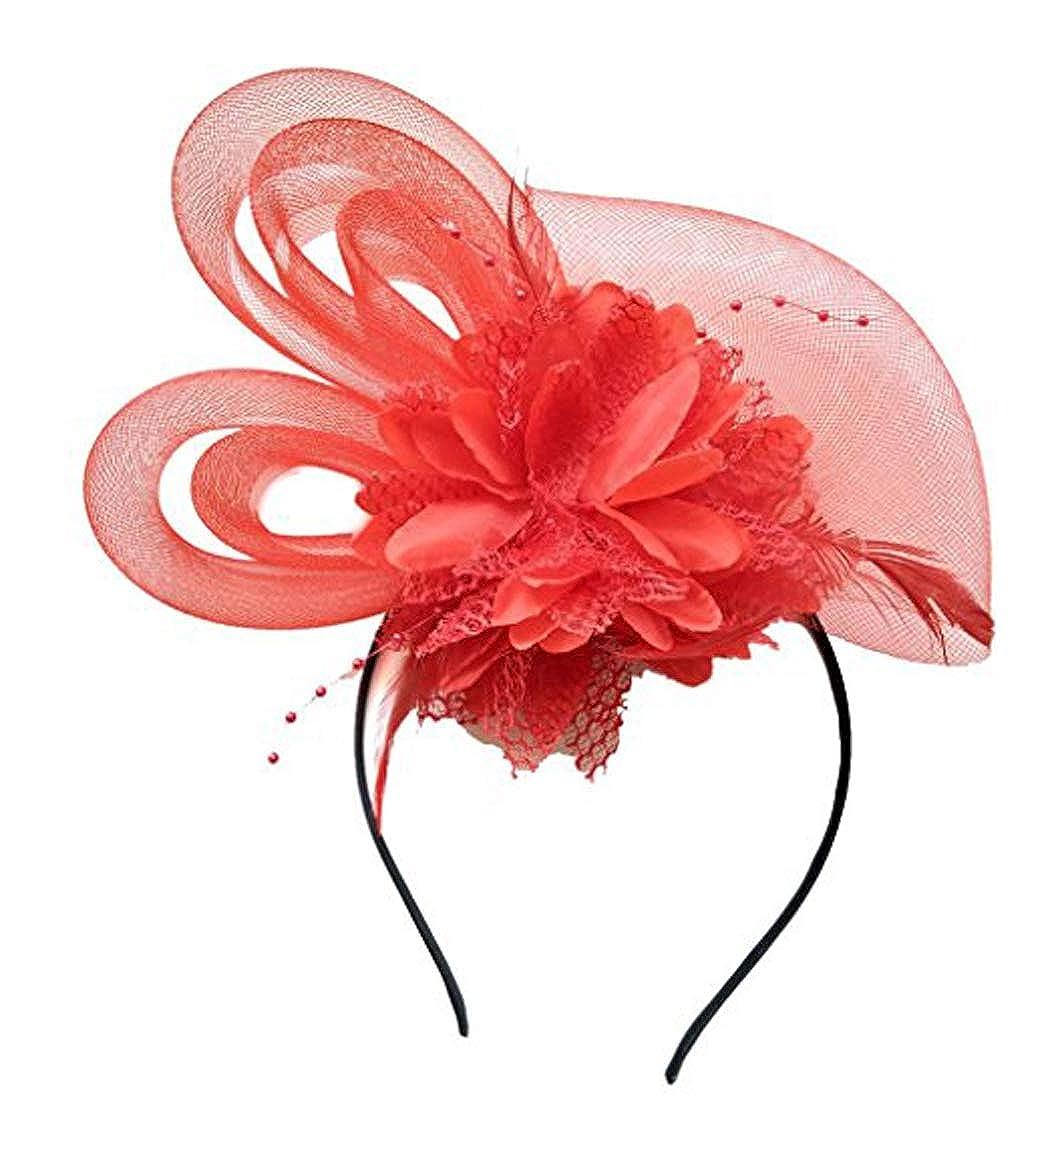 FORLADY 16 couleurs nuptiale diadème en forme de maille bandeau bandeau demoiselle d'honneur fleur épingle à cheveux banquet diadème femelle